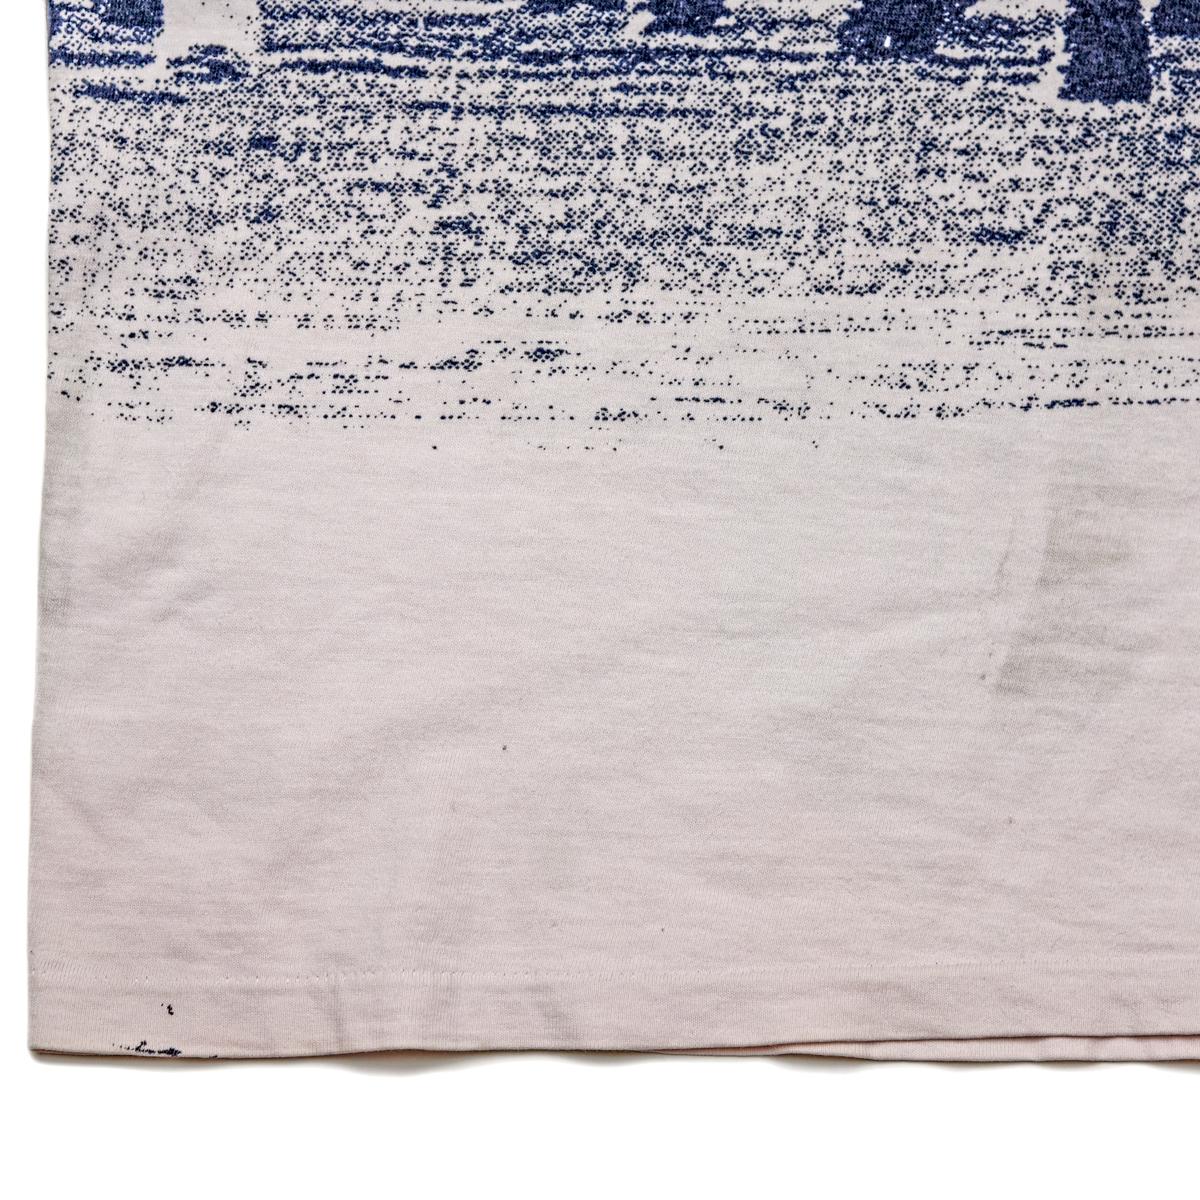 トリコタグ 80s Champion 両面 ピクチャー プリント チャンピオン Tシャツ ノートルダム アメフト 総柄 ビンテージ 古着 大きなサイズ XL_画像6